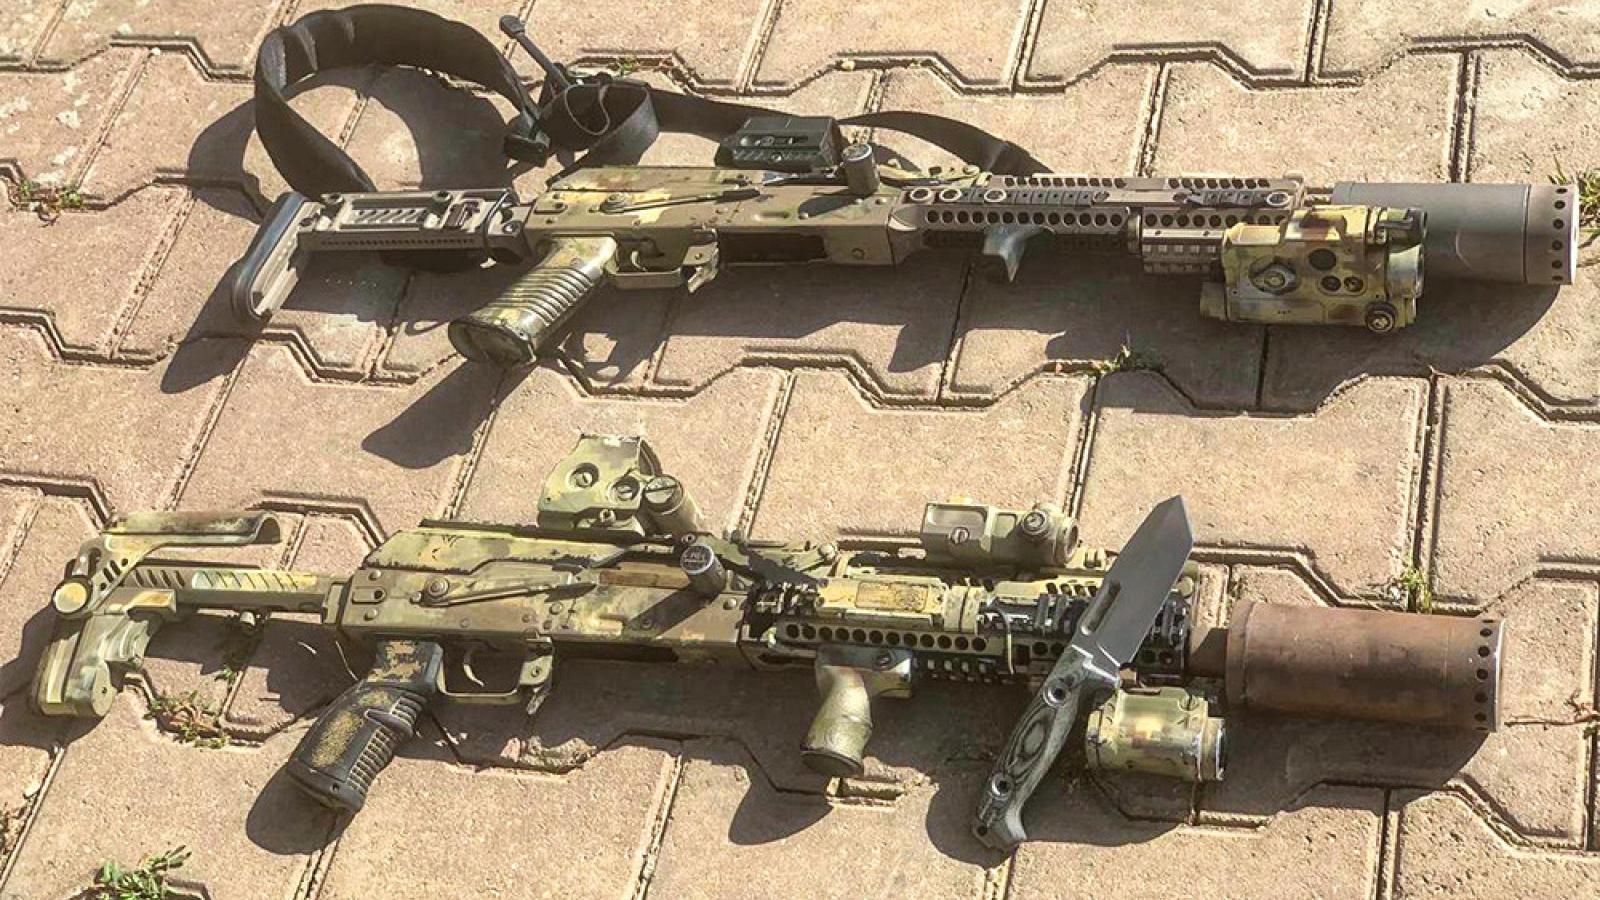 Khám phá tiểu liên AK phiên bản dành cho đặc nhiệm Alfa của Cơ quan An ninh Nga